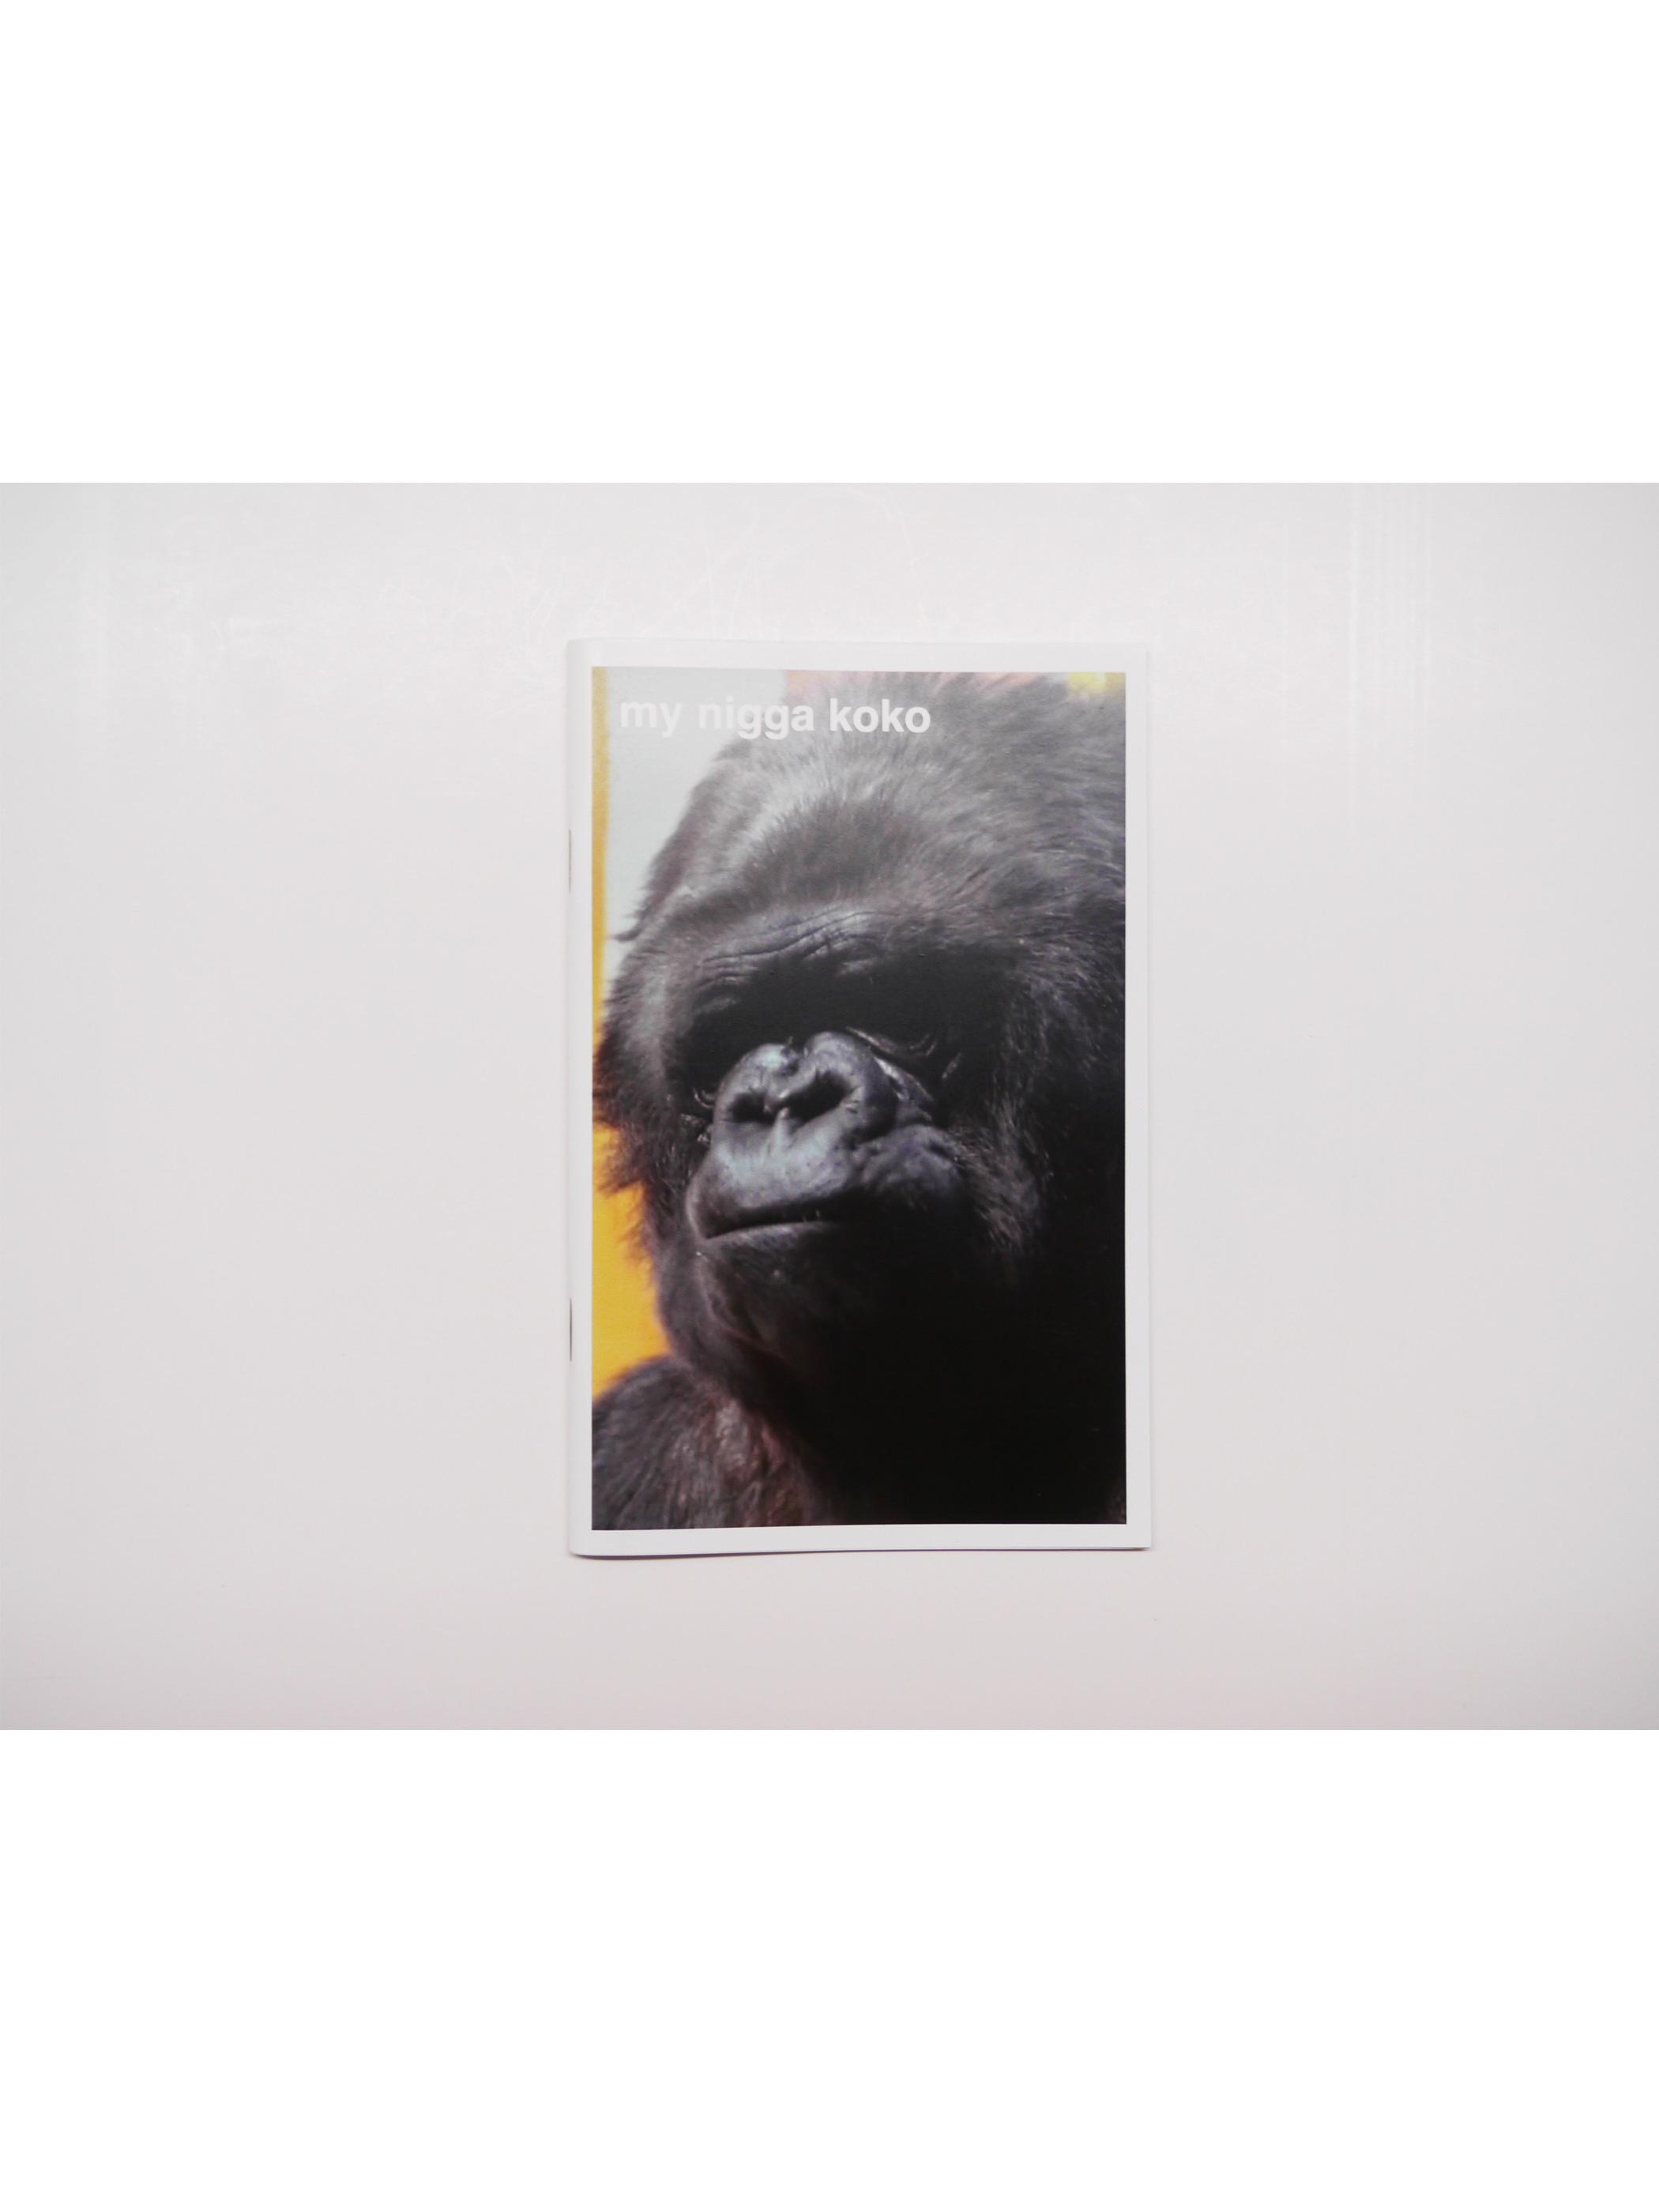 [ZINE] My Nigga Koko